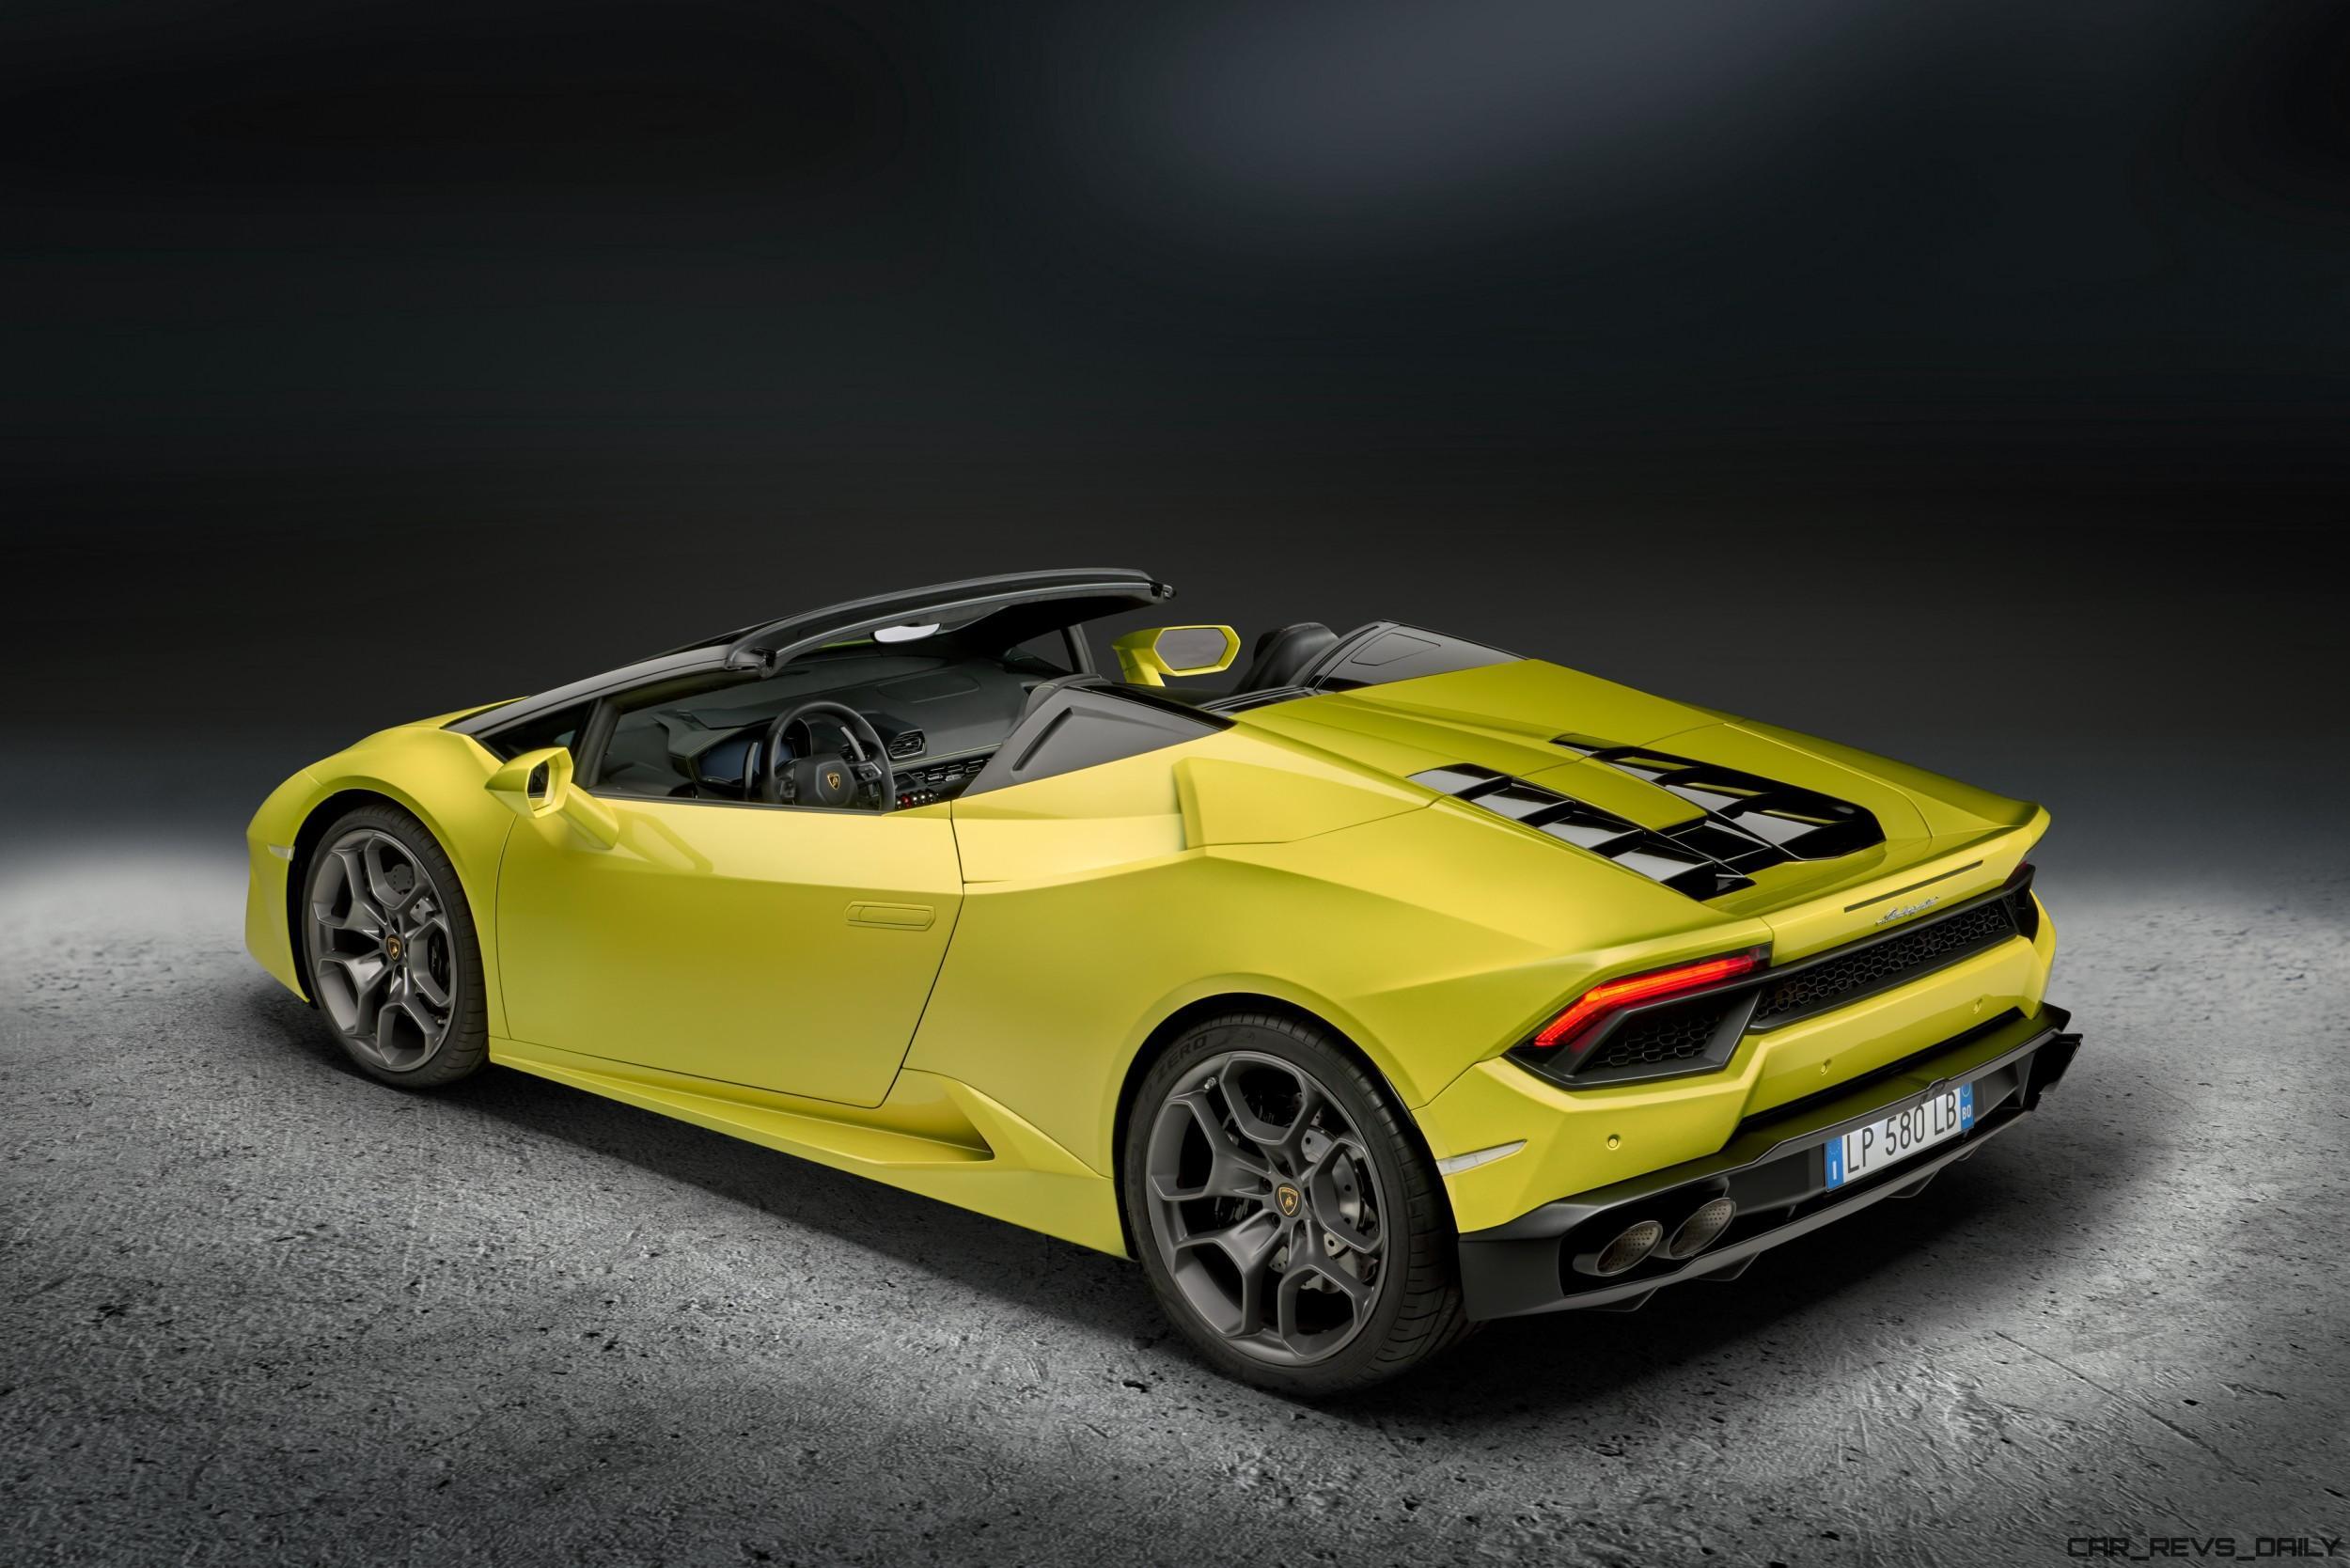 aventador convertible cars anniversario for jamesedition lamborghini sale on